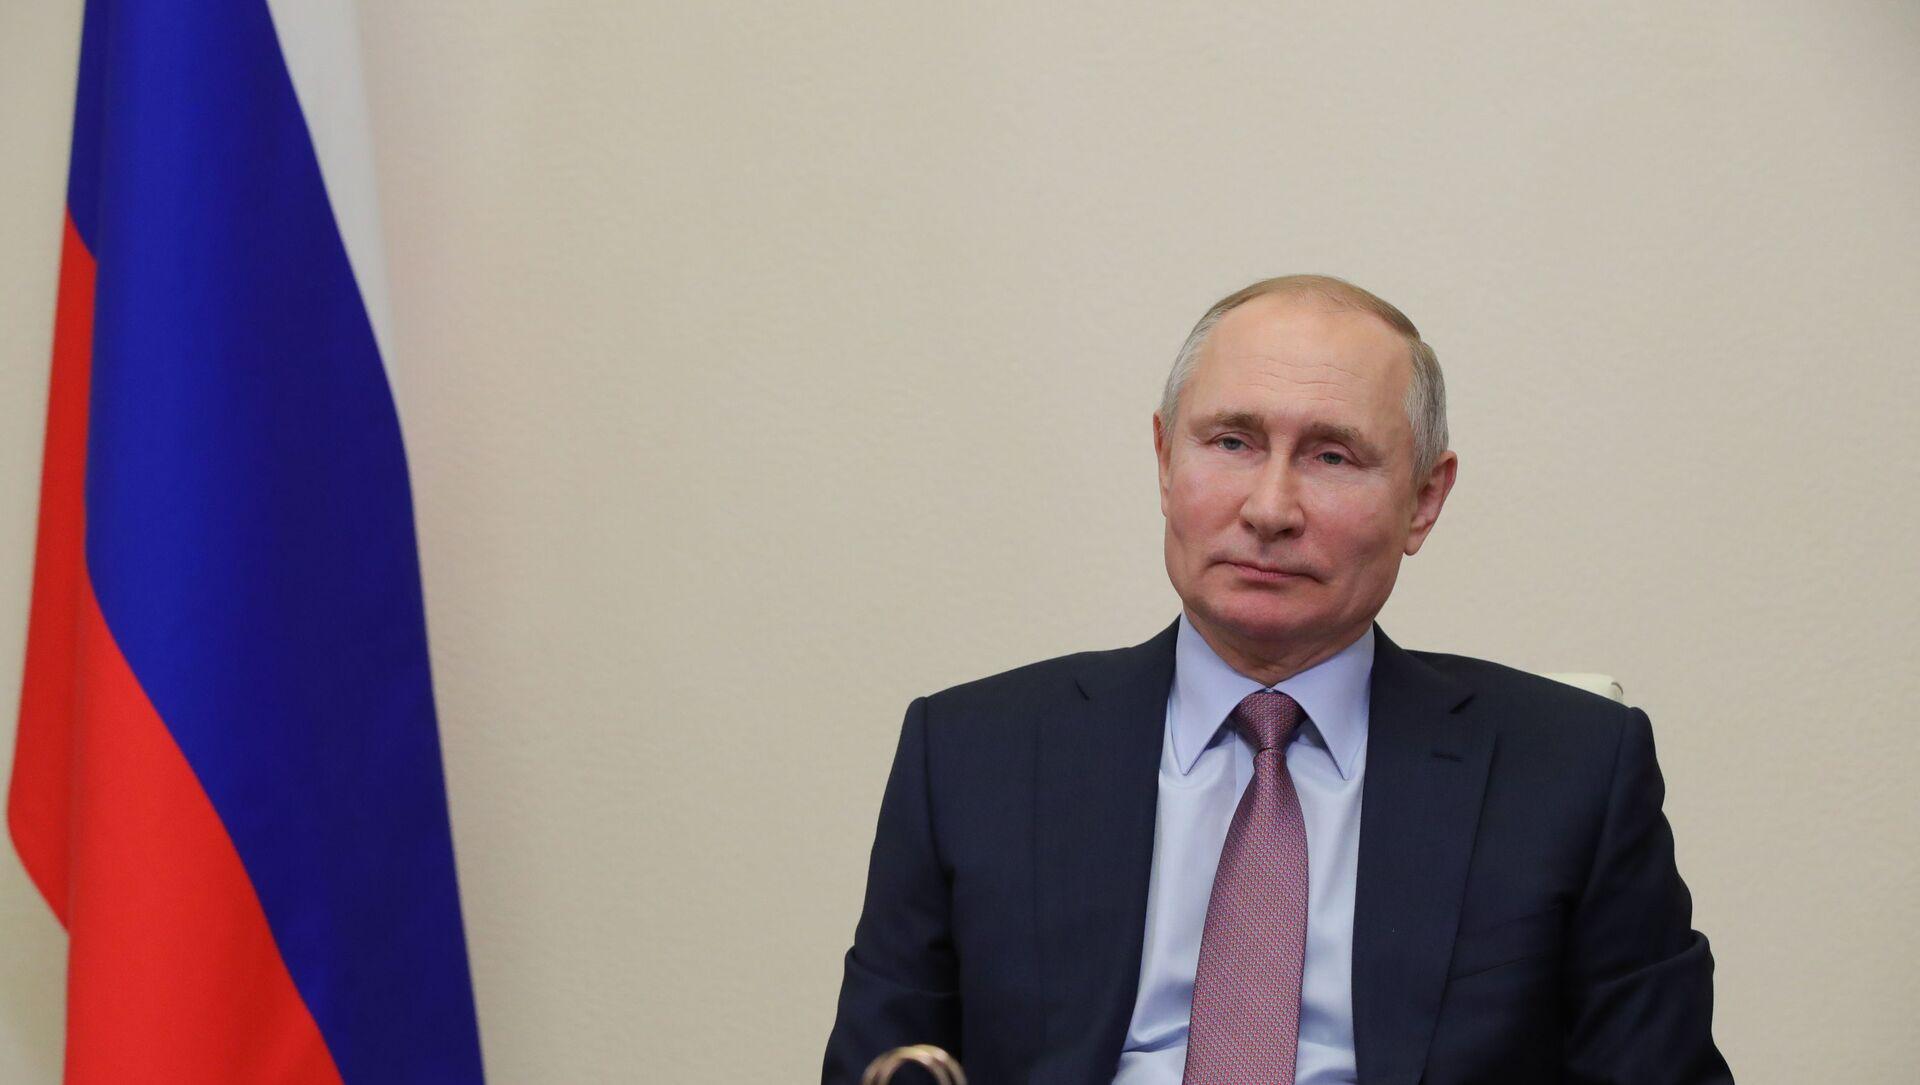 Vladimir Putin - Sputnik Türkiye, 1920, 02.02.2021